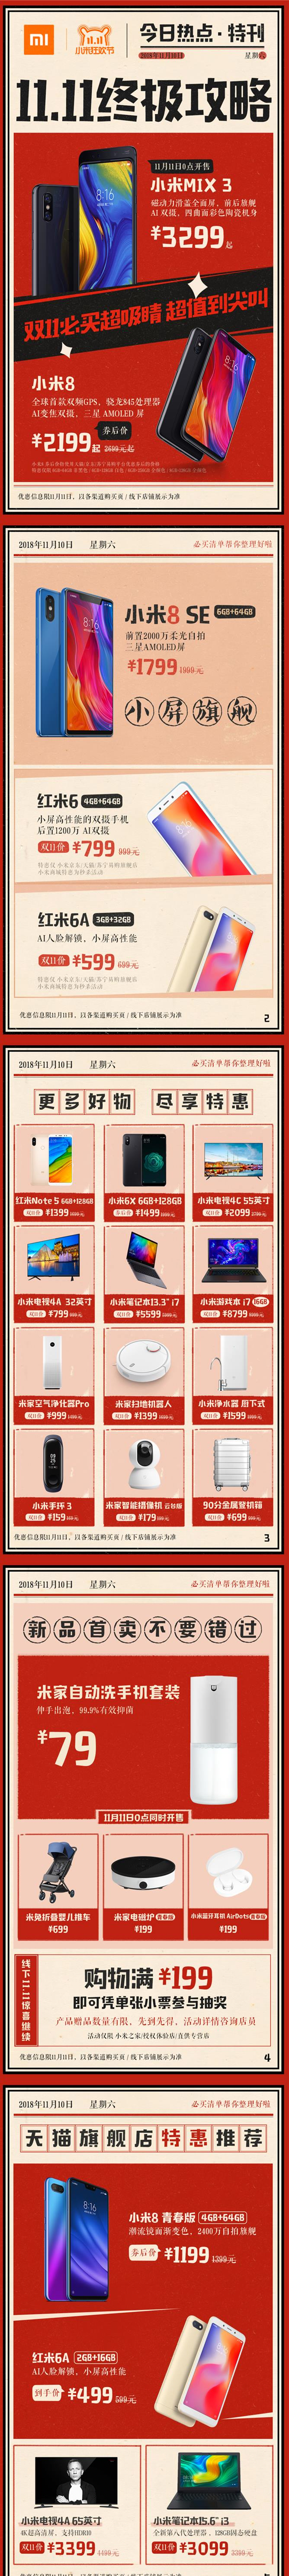 小米双十一线上线下齐狂欢 AI+IoT引领新零售潮流